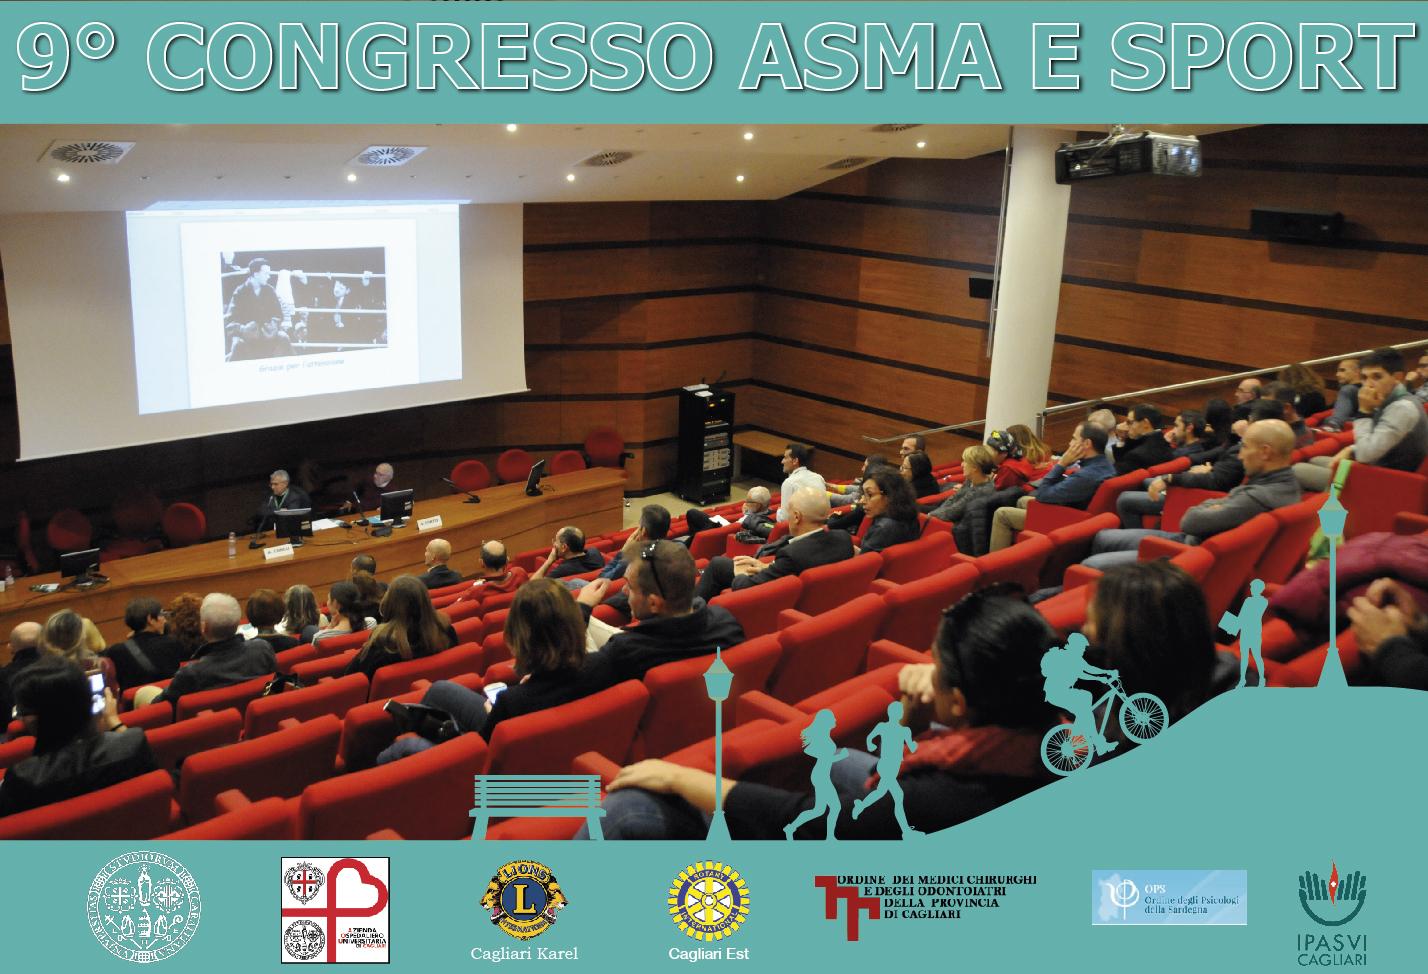 IX Congresso Asma e Sport